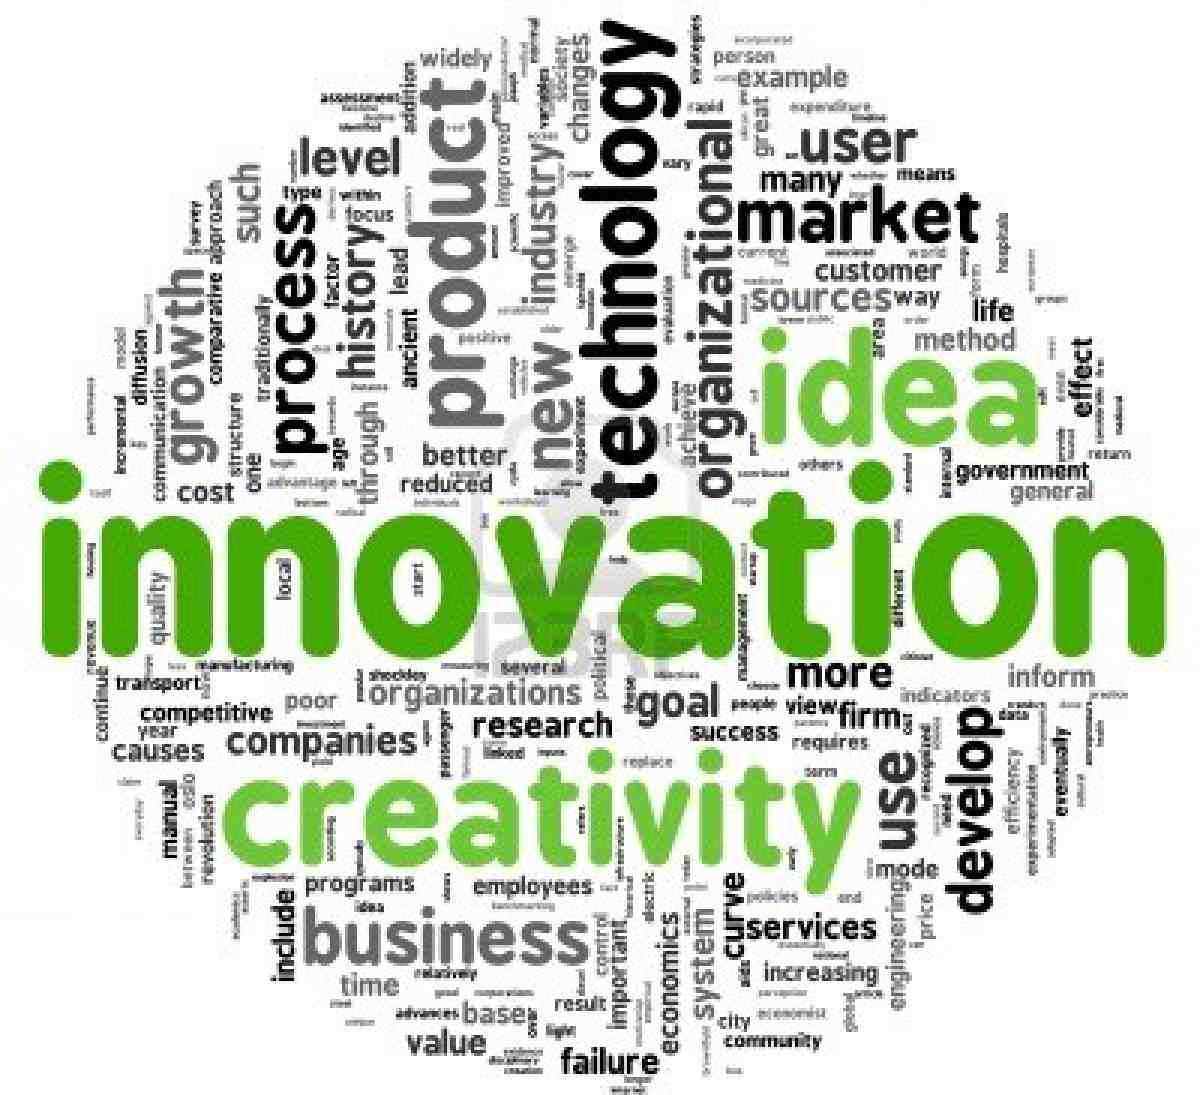 استراتيجيات لتعزيز ثقافة الابتكار الموظفين